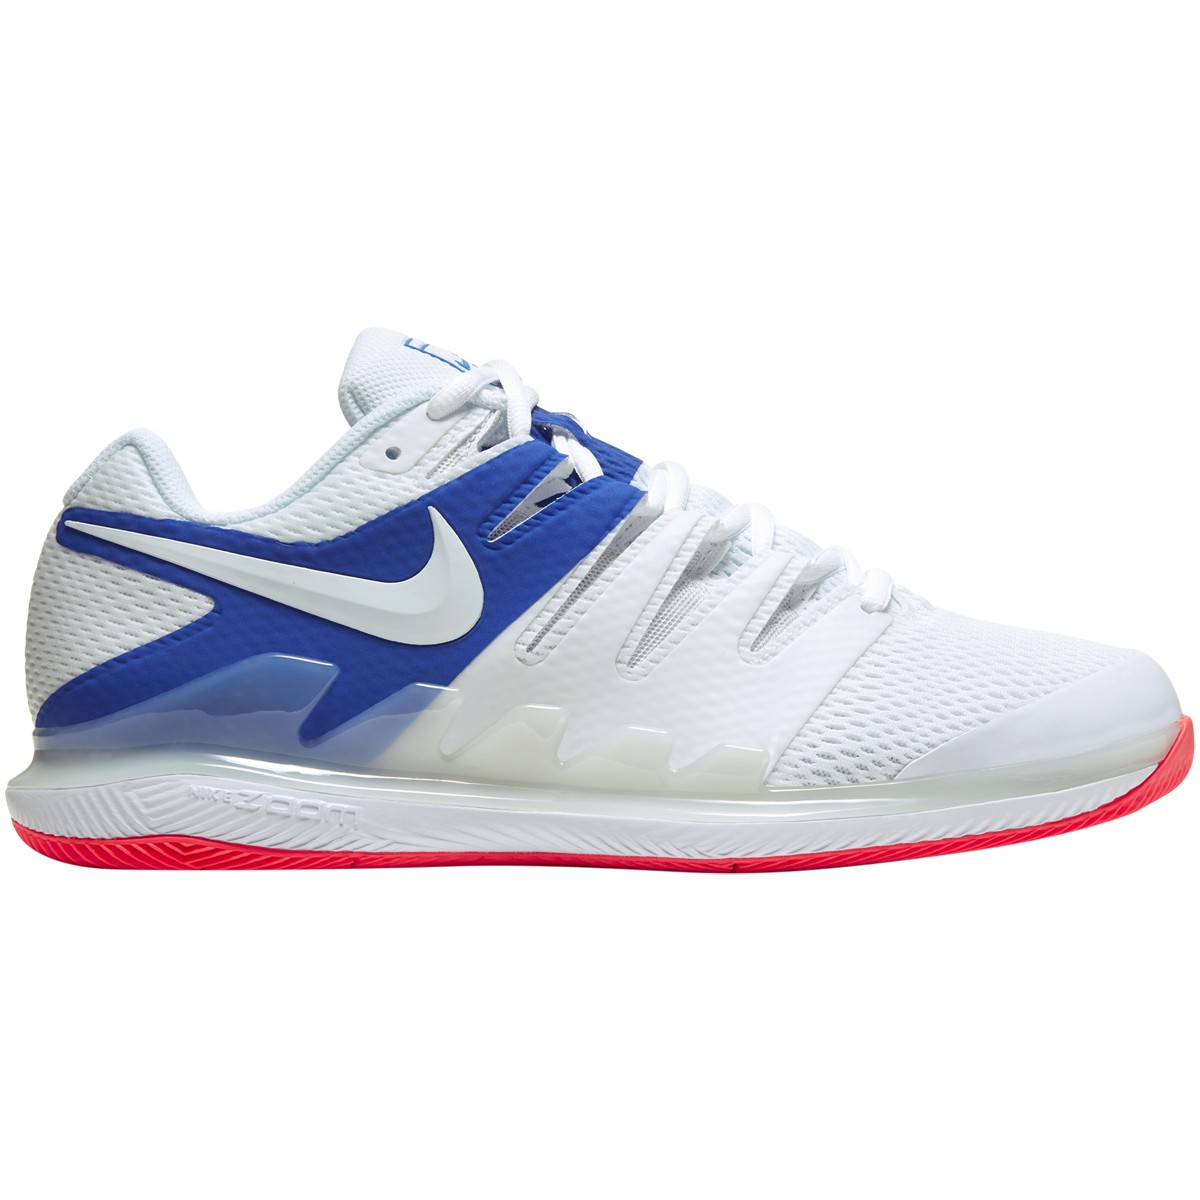 Nike Air Zoom Vapor X Clay (2020) Recensioni e Prezzi